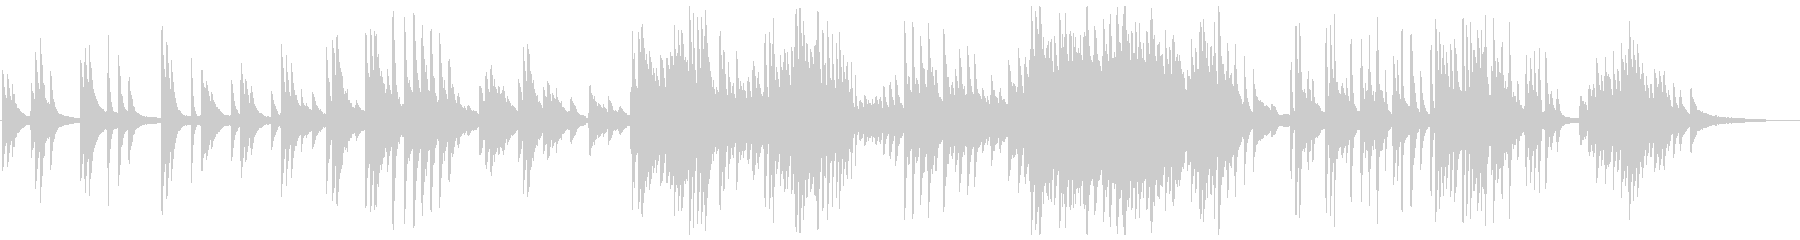 しっとり感動的なピアノの演奏の未再生の波形